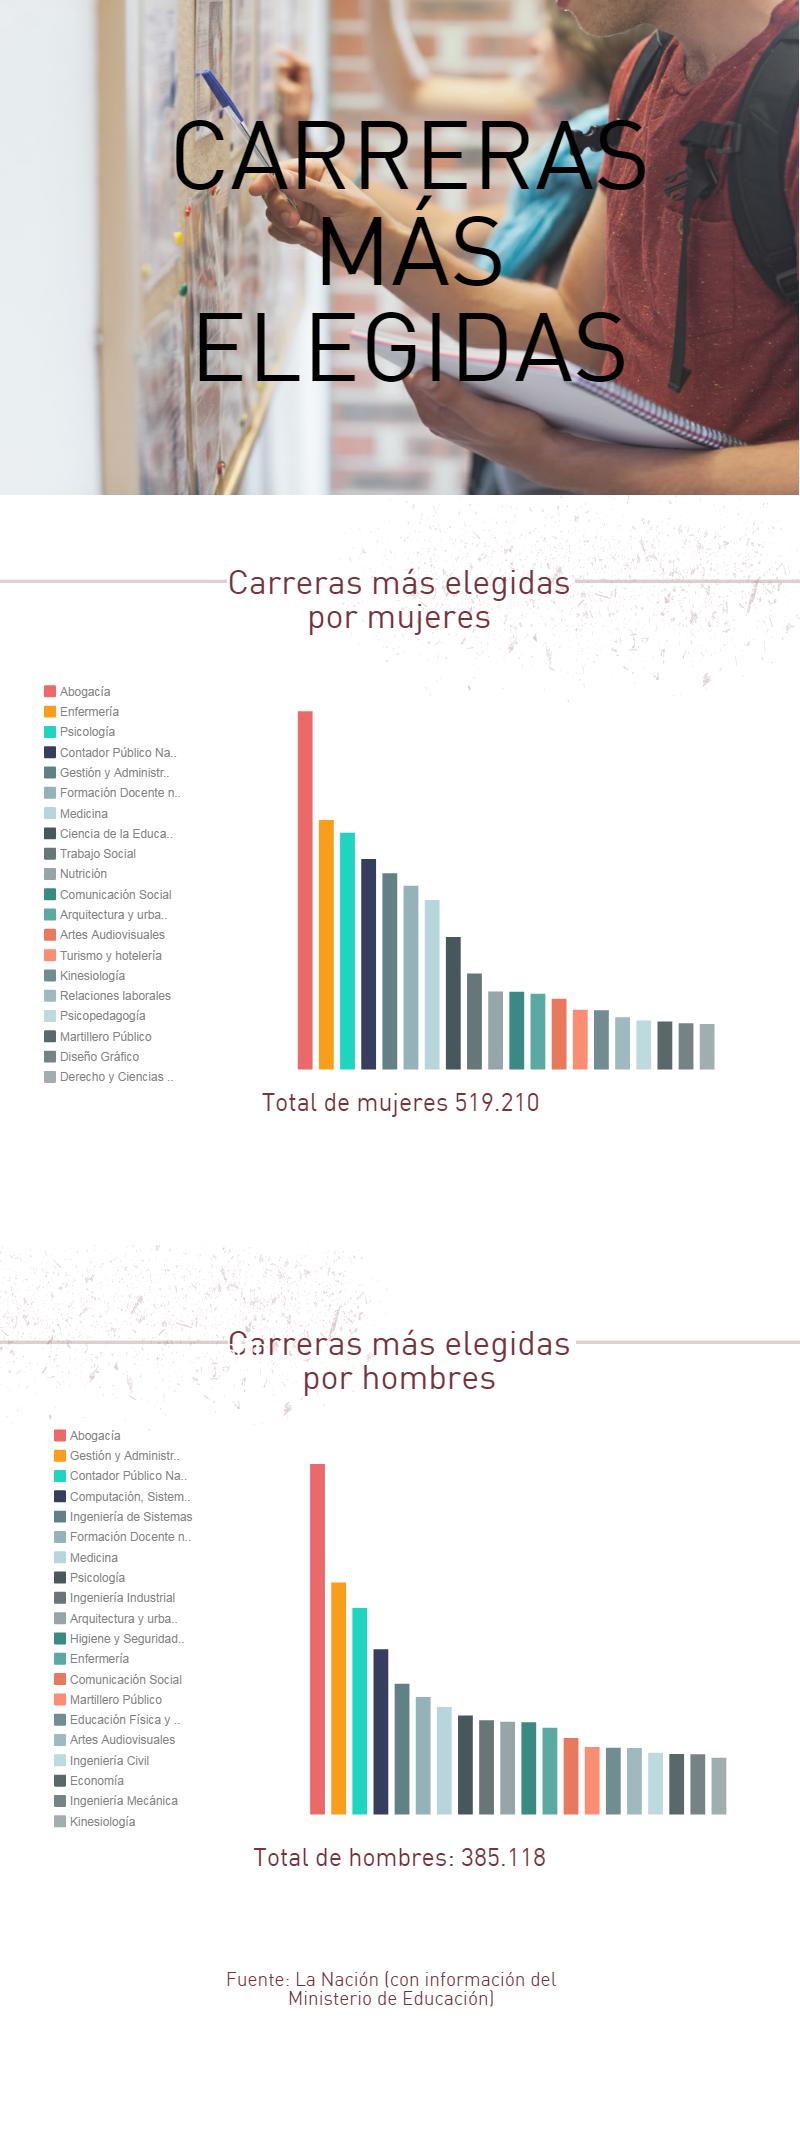 2e6af861d9 Las carreras más elegidas por hombres y mujeres en la Argentina